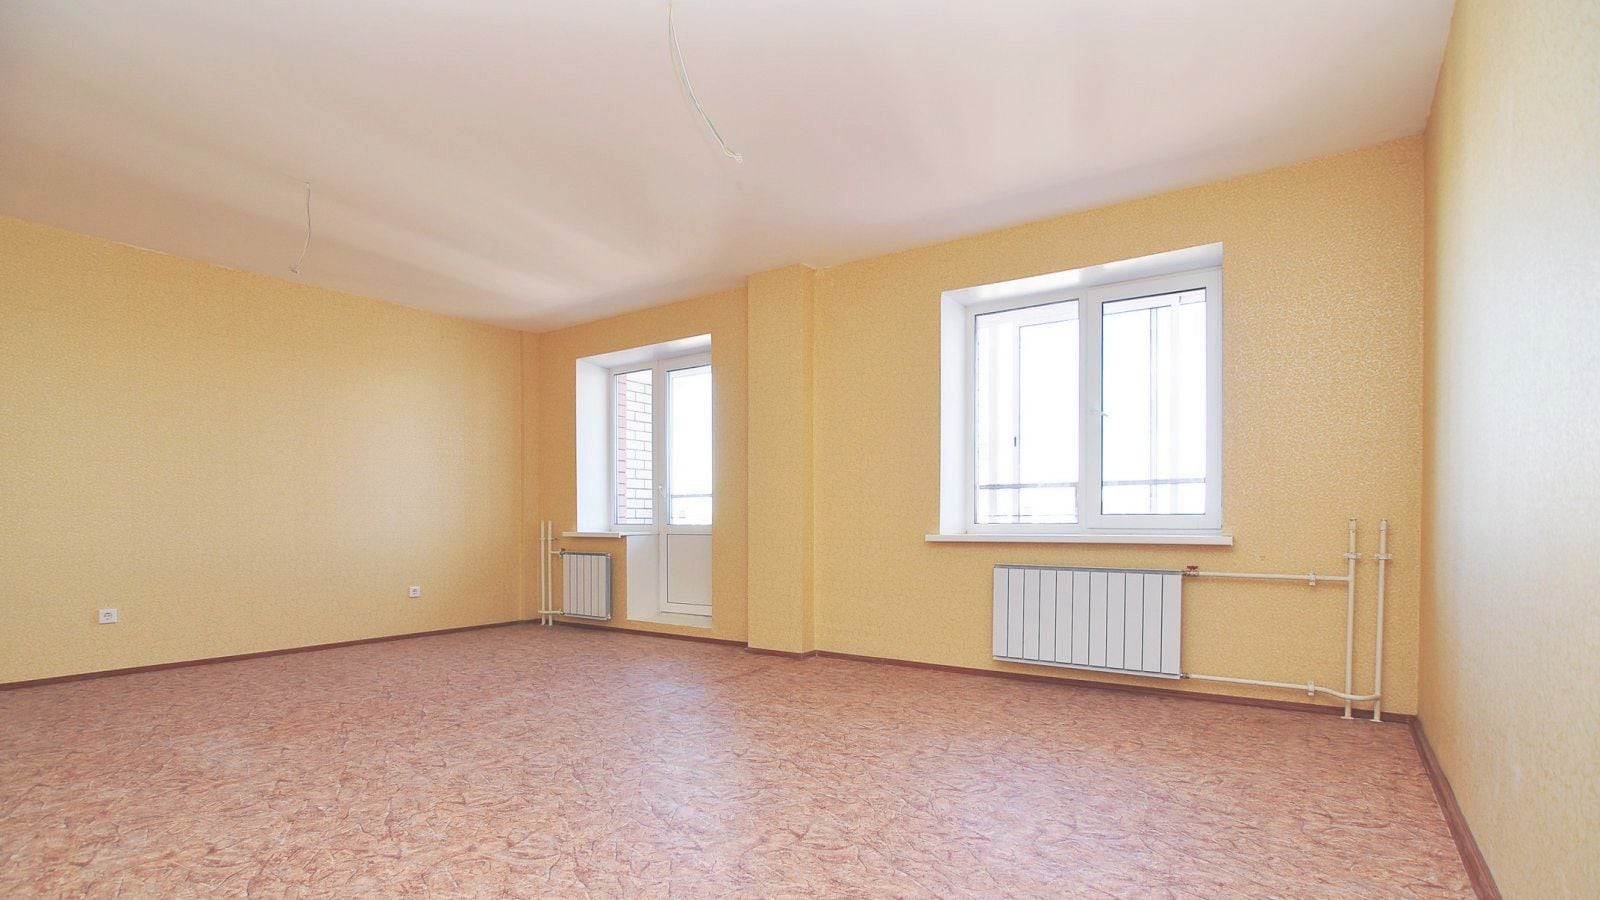 Купить квартиру в новостройке г екатеринбурге